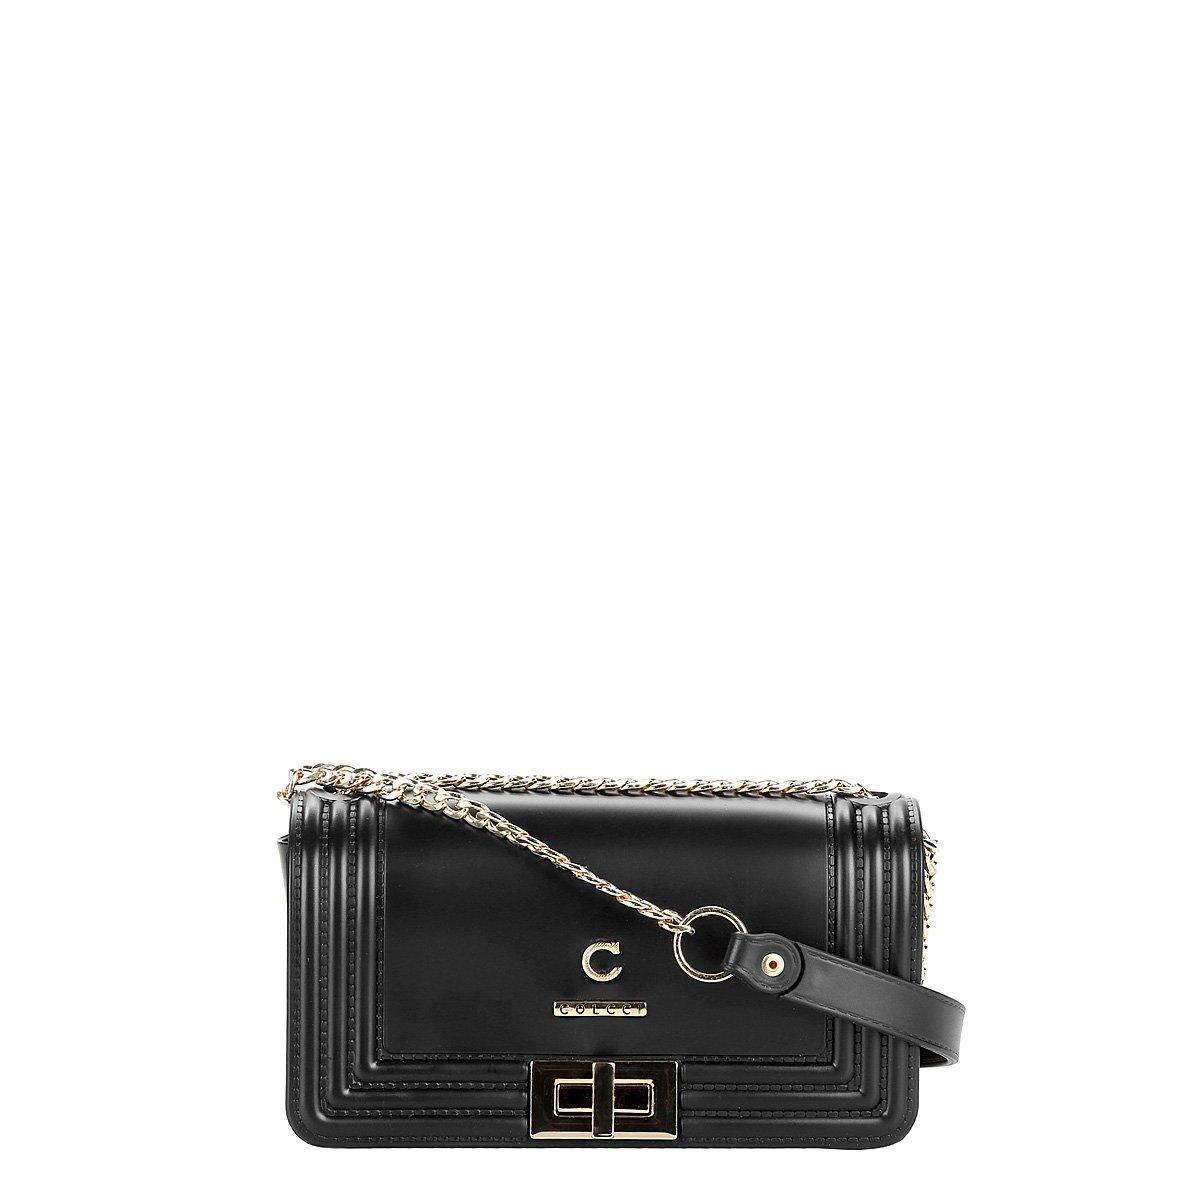 24fb70753 Bolsa Colcci Mini Bag Pequim Básica Feminina | Livelo -Sua Vida com ...